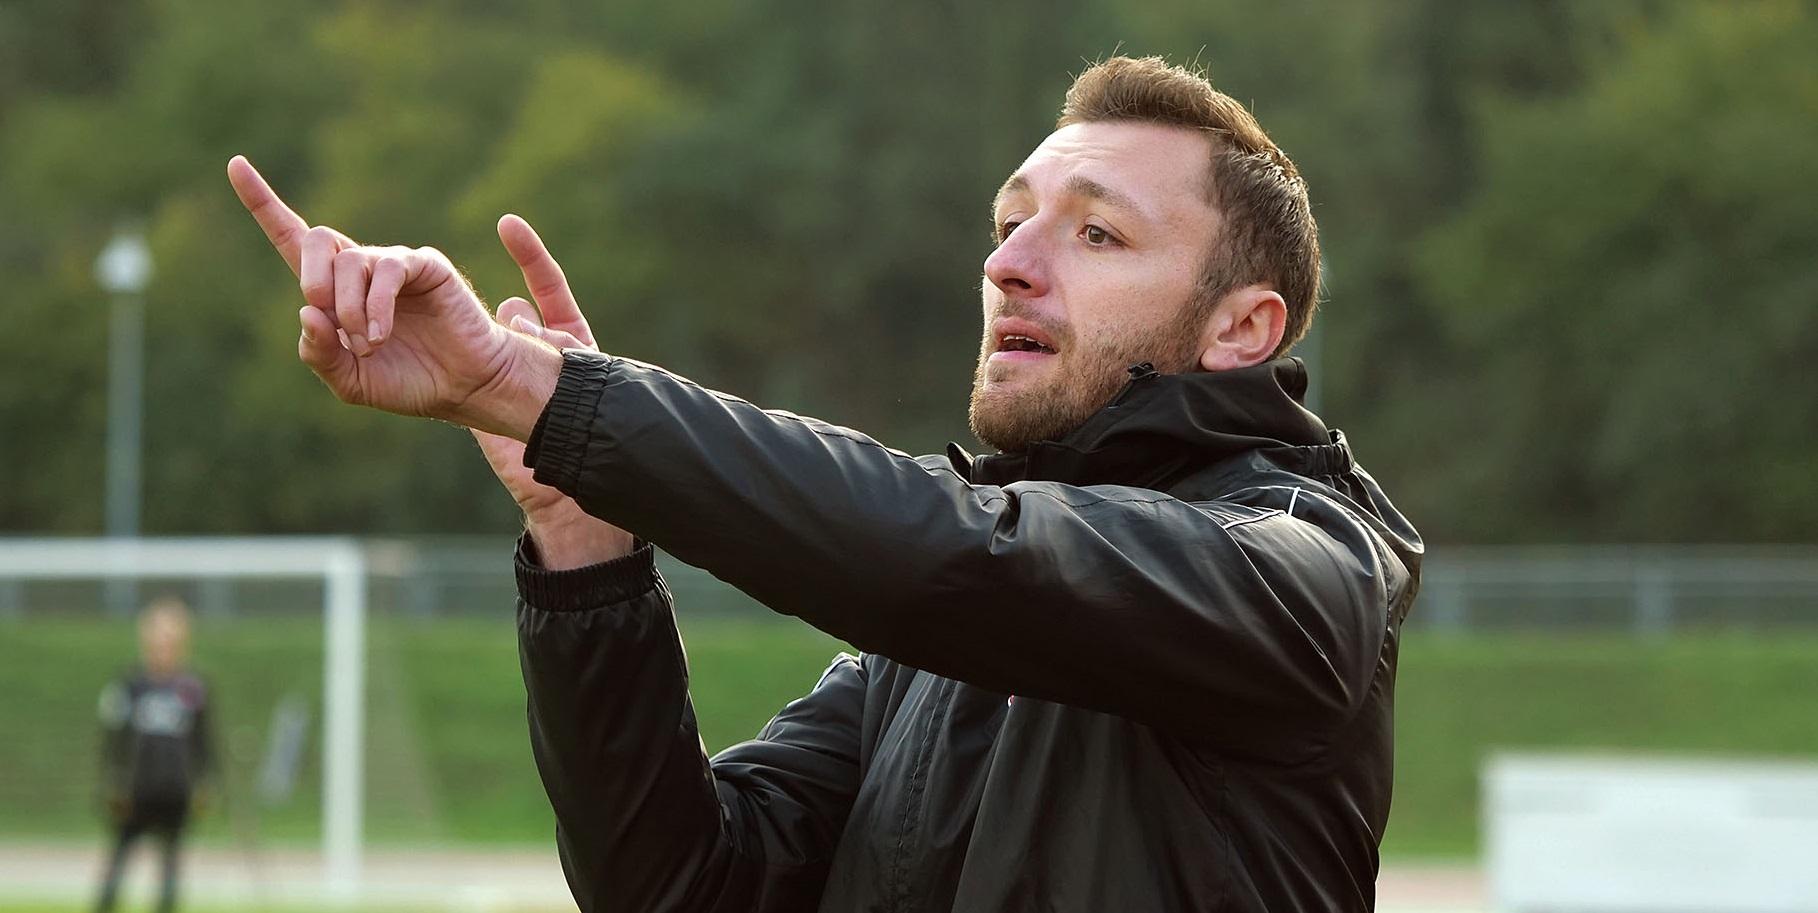 Das Team von Damian Apfeld trifft am Sonntag auf den VfL Bochum.